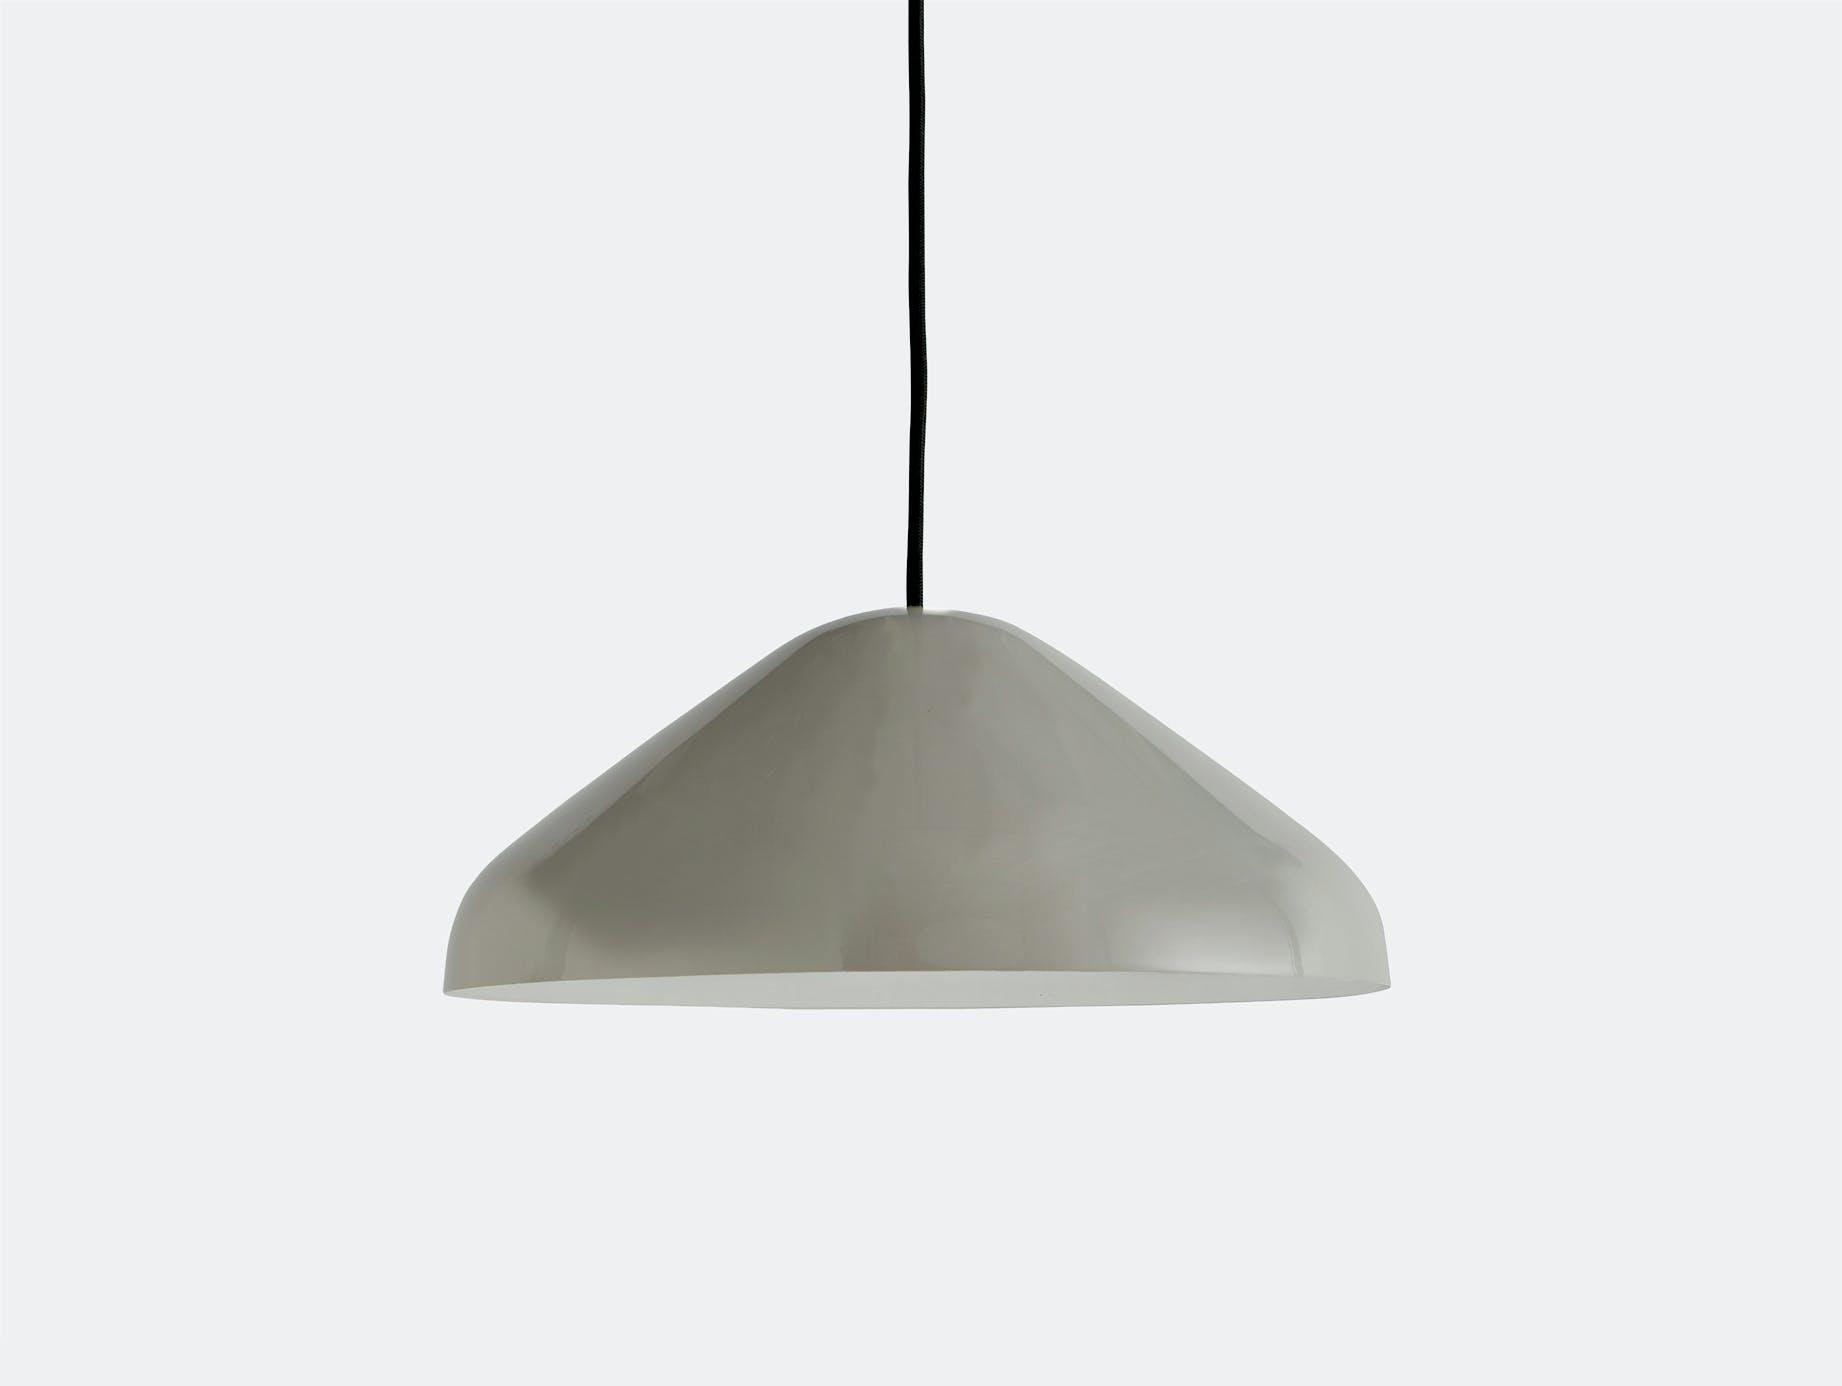 Hay pao steel pendant grey 35